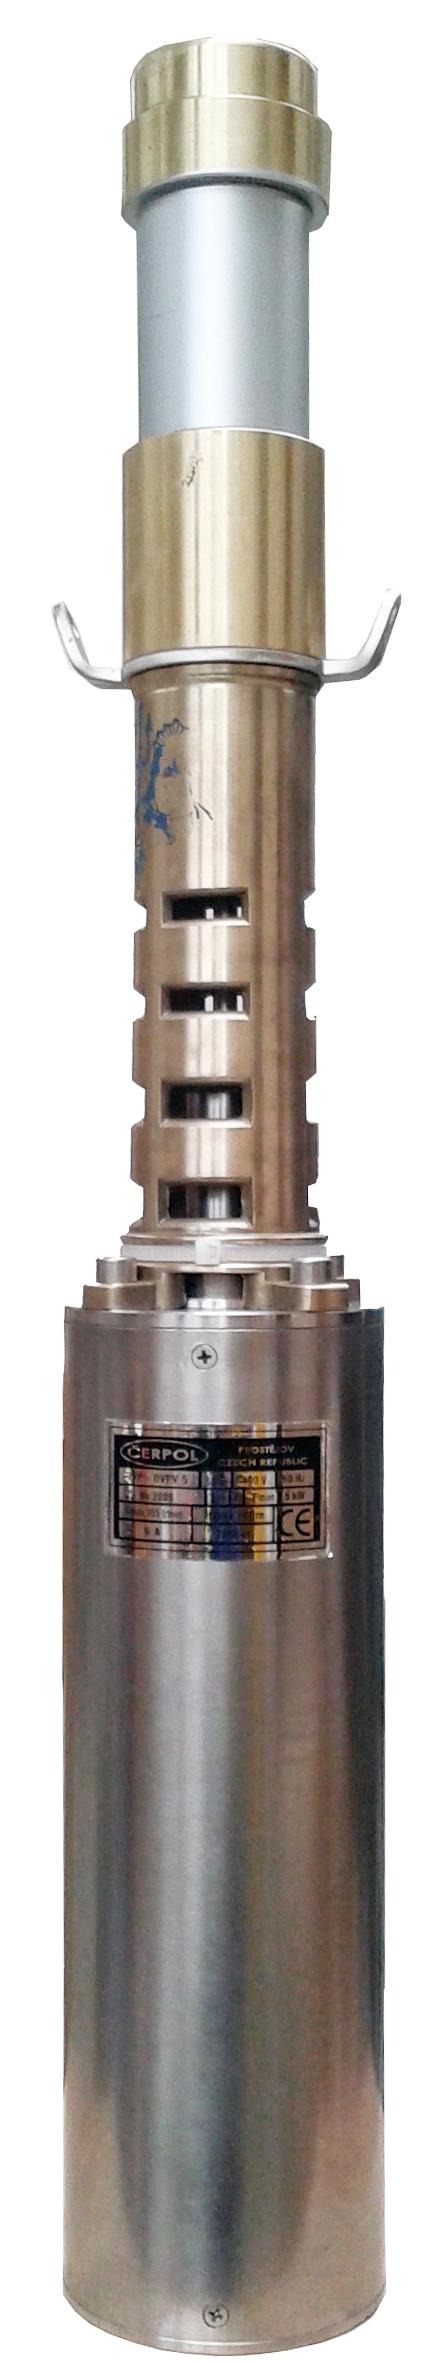 ČERPOL Olczak Čerpol OVP-V5 (400V) vřetenové čerpadlo ø 110mm - 25m kabel